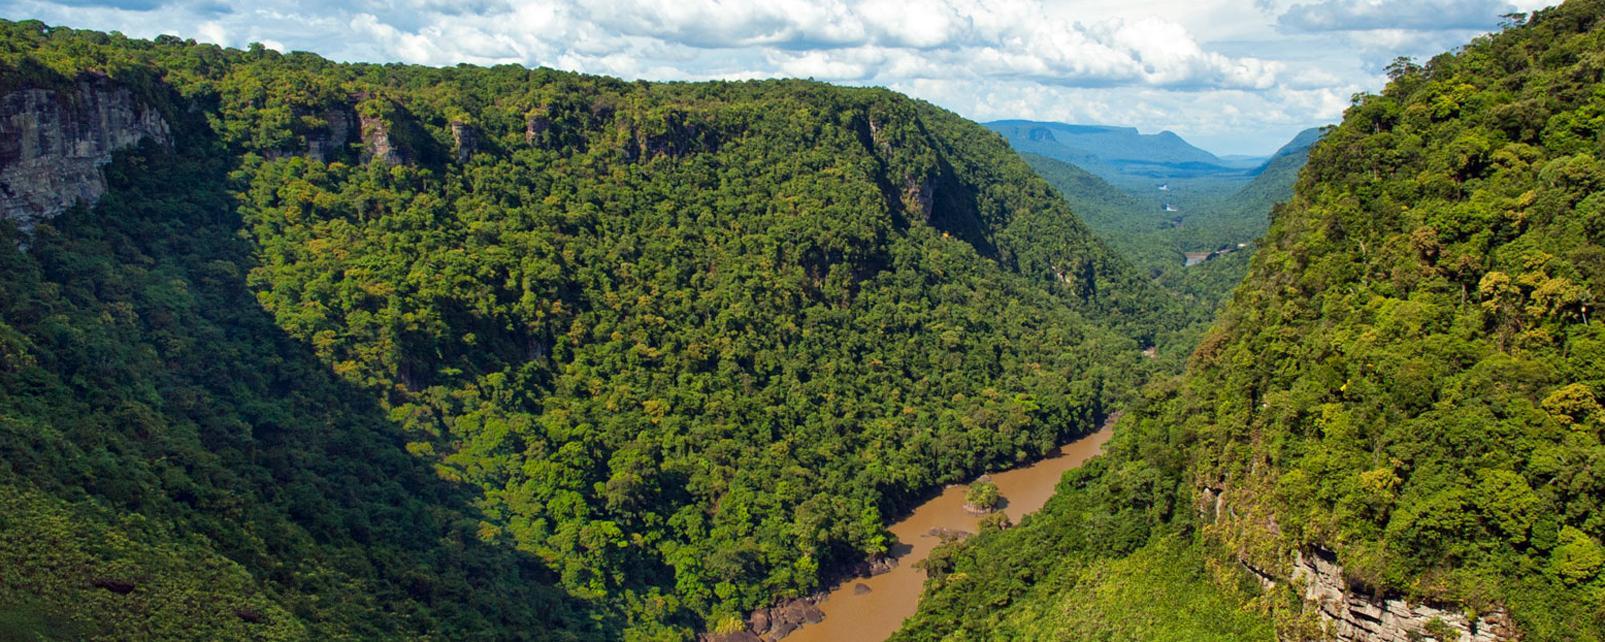 Amérique, Amérique du Sud, Guyana, rivière, forêt, arbre,